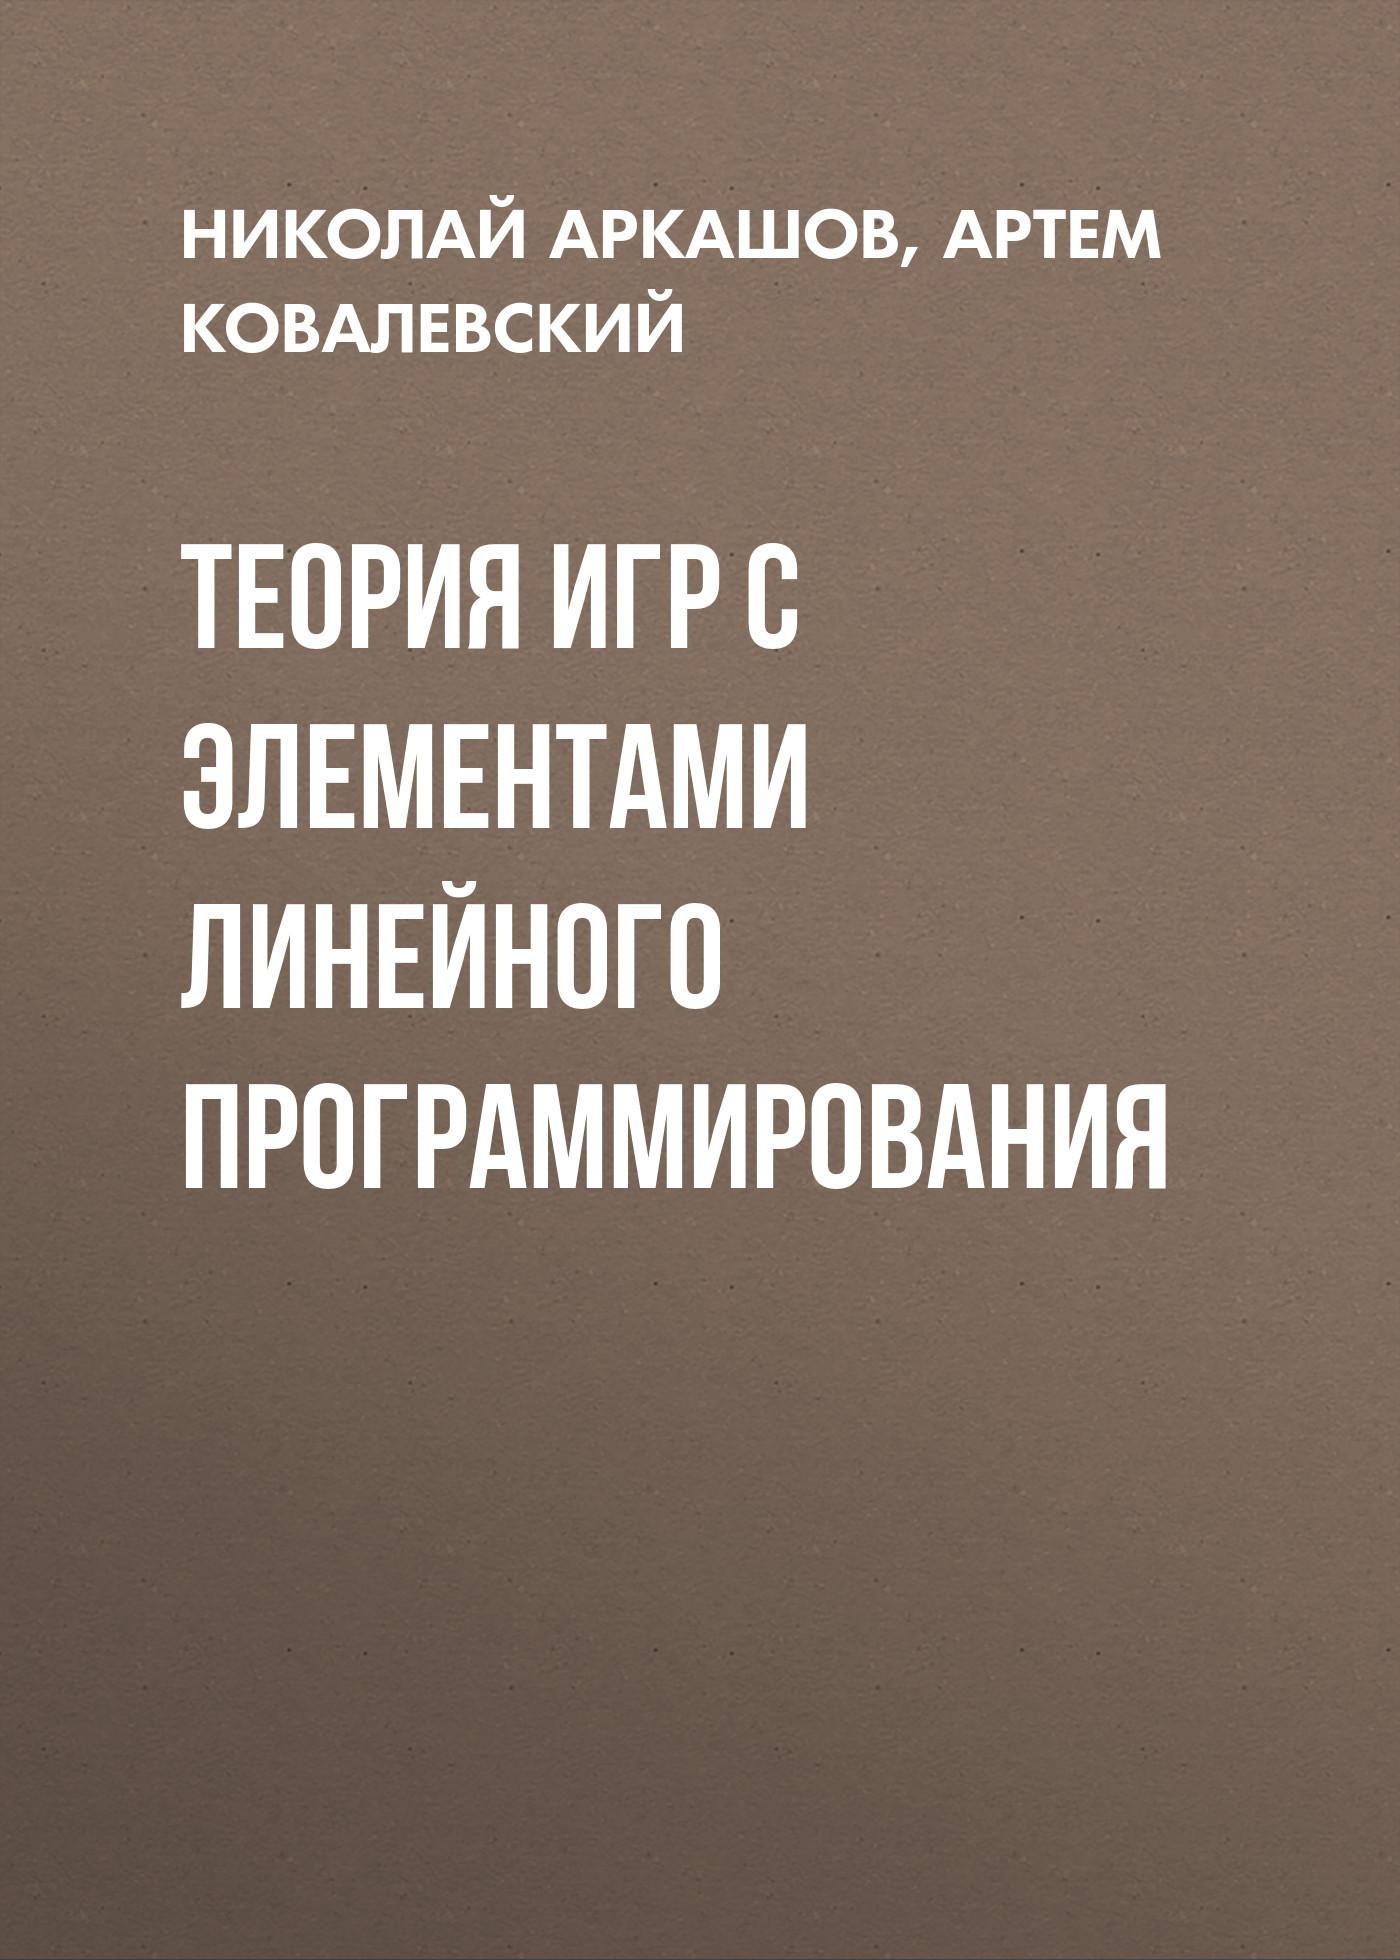 Артем Ковалевский бесплатно